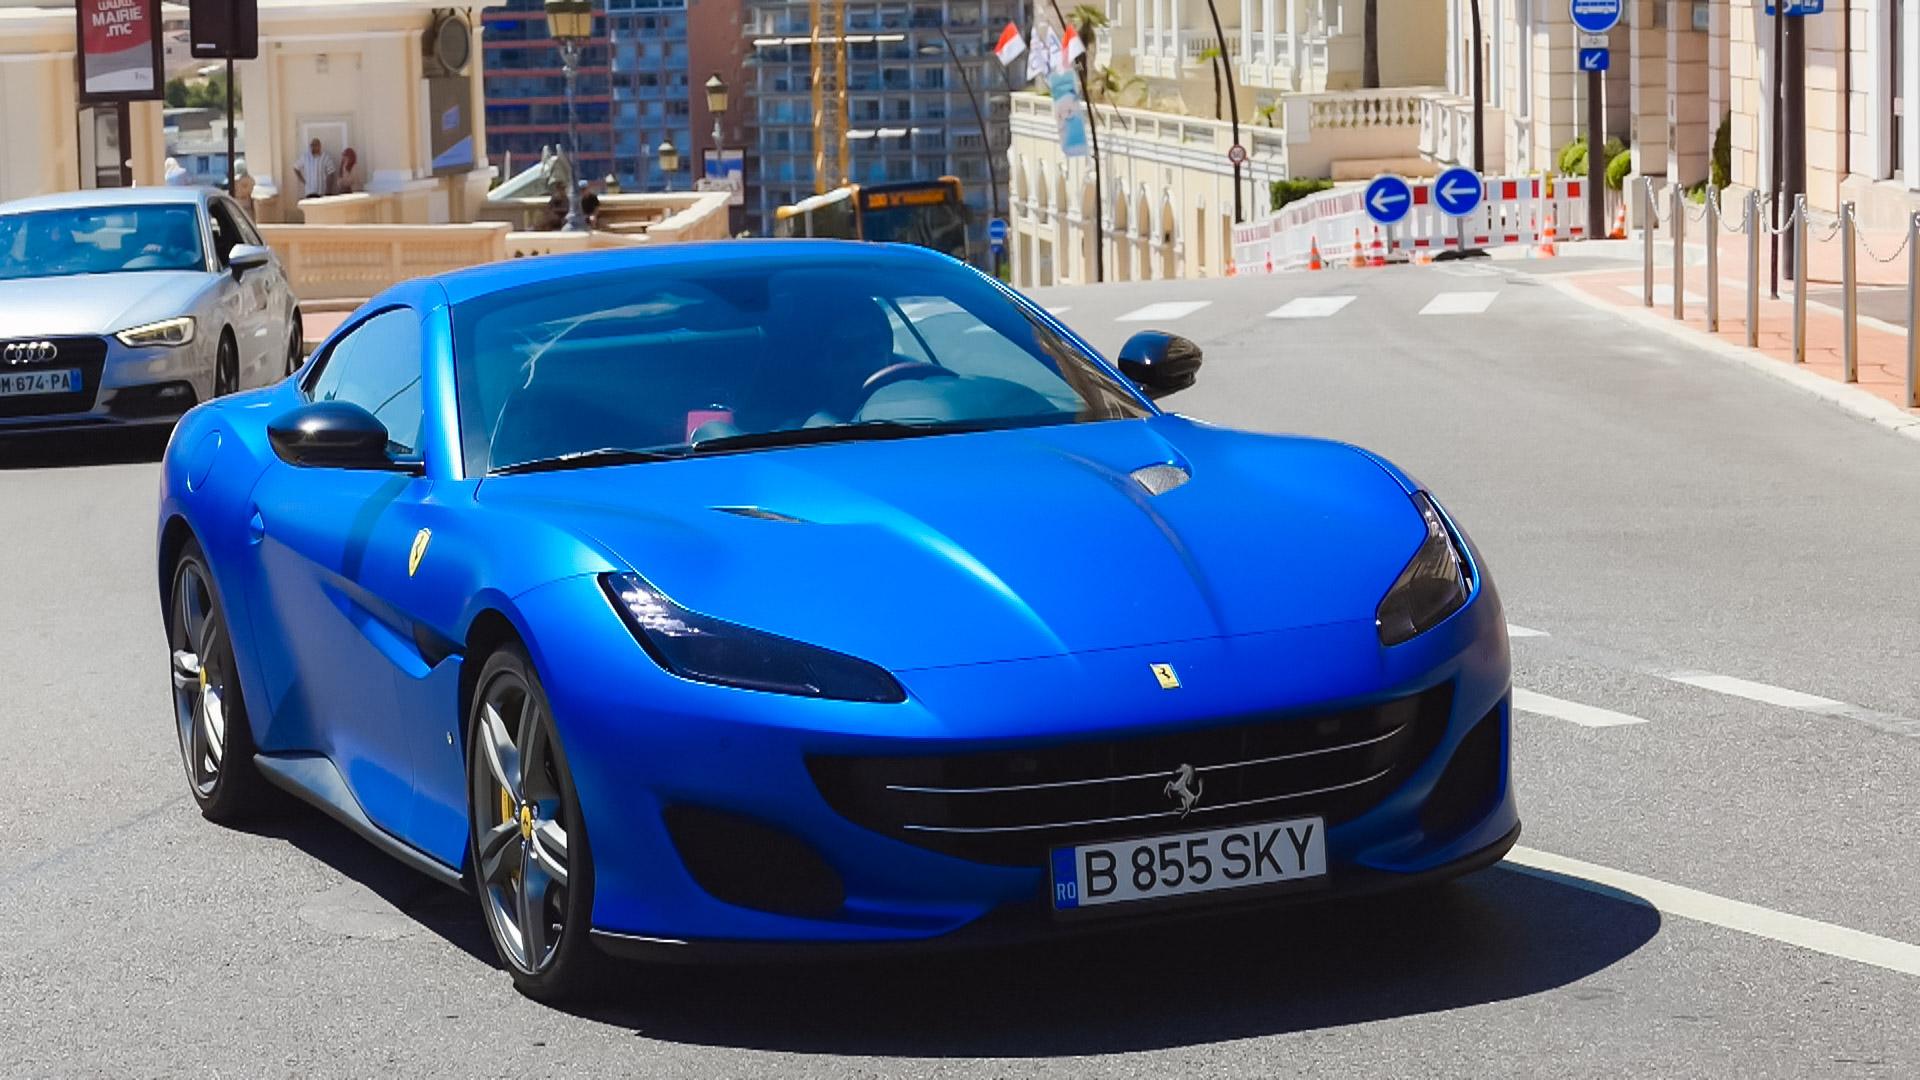 Ferrari Portofino - B-855-SKY (RO)